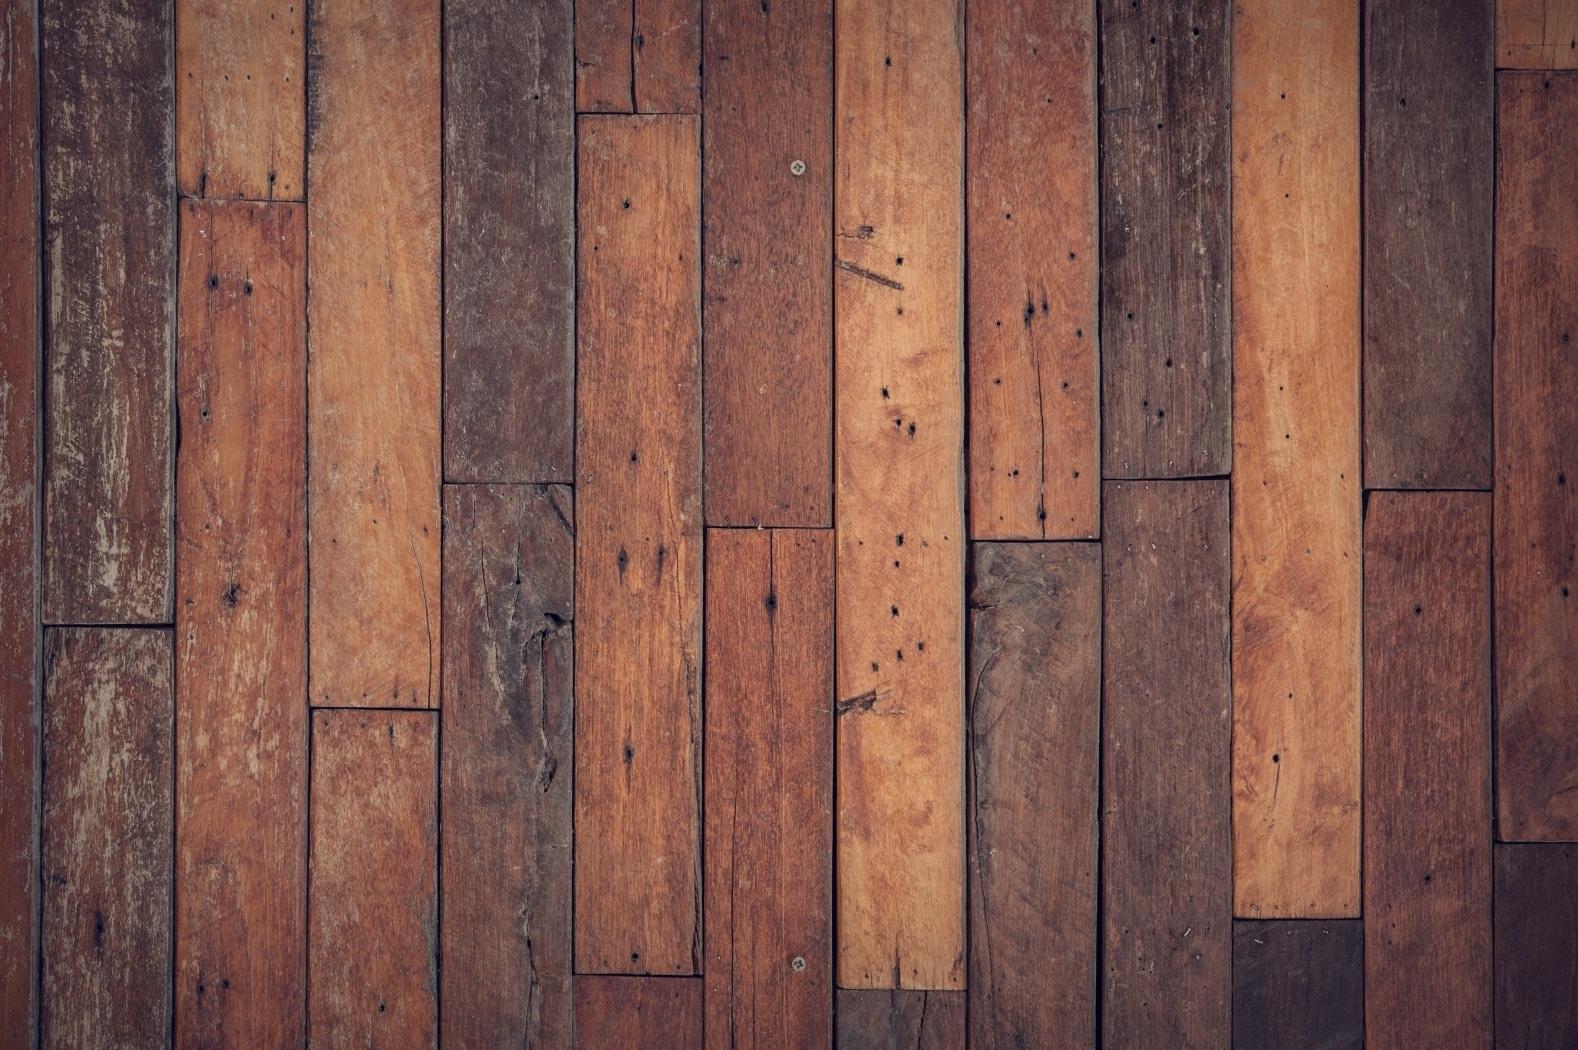 Wohnungsübergabe - Mangel oder Schaden?